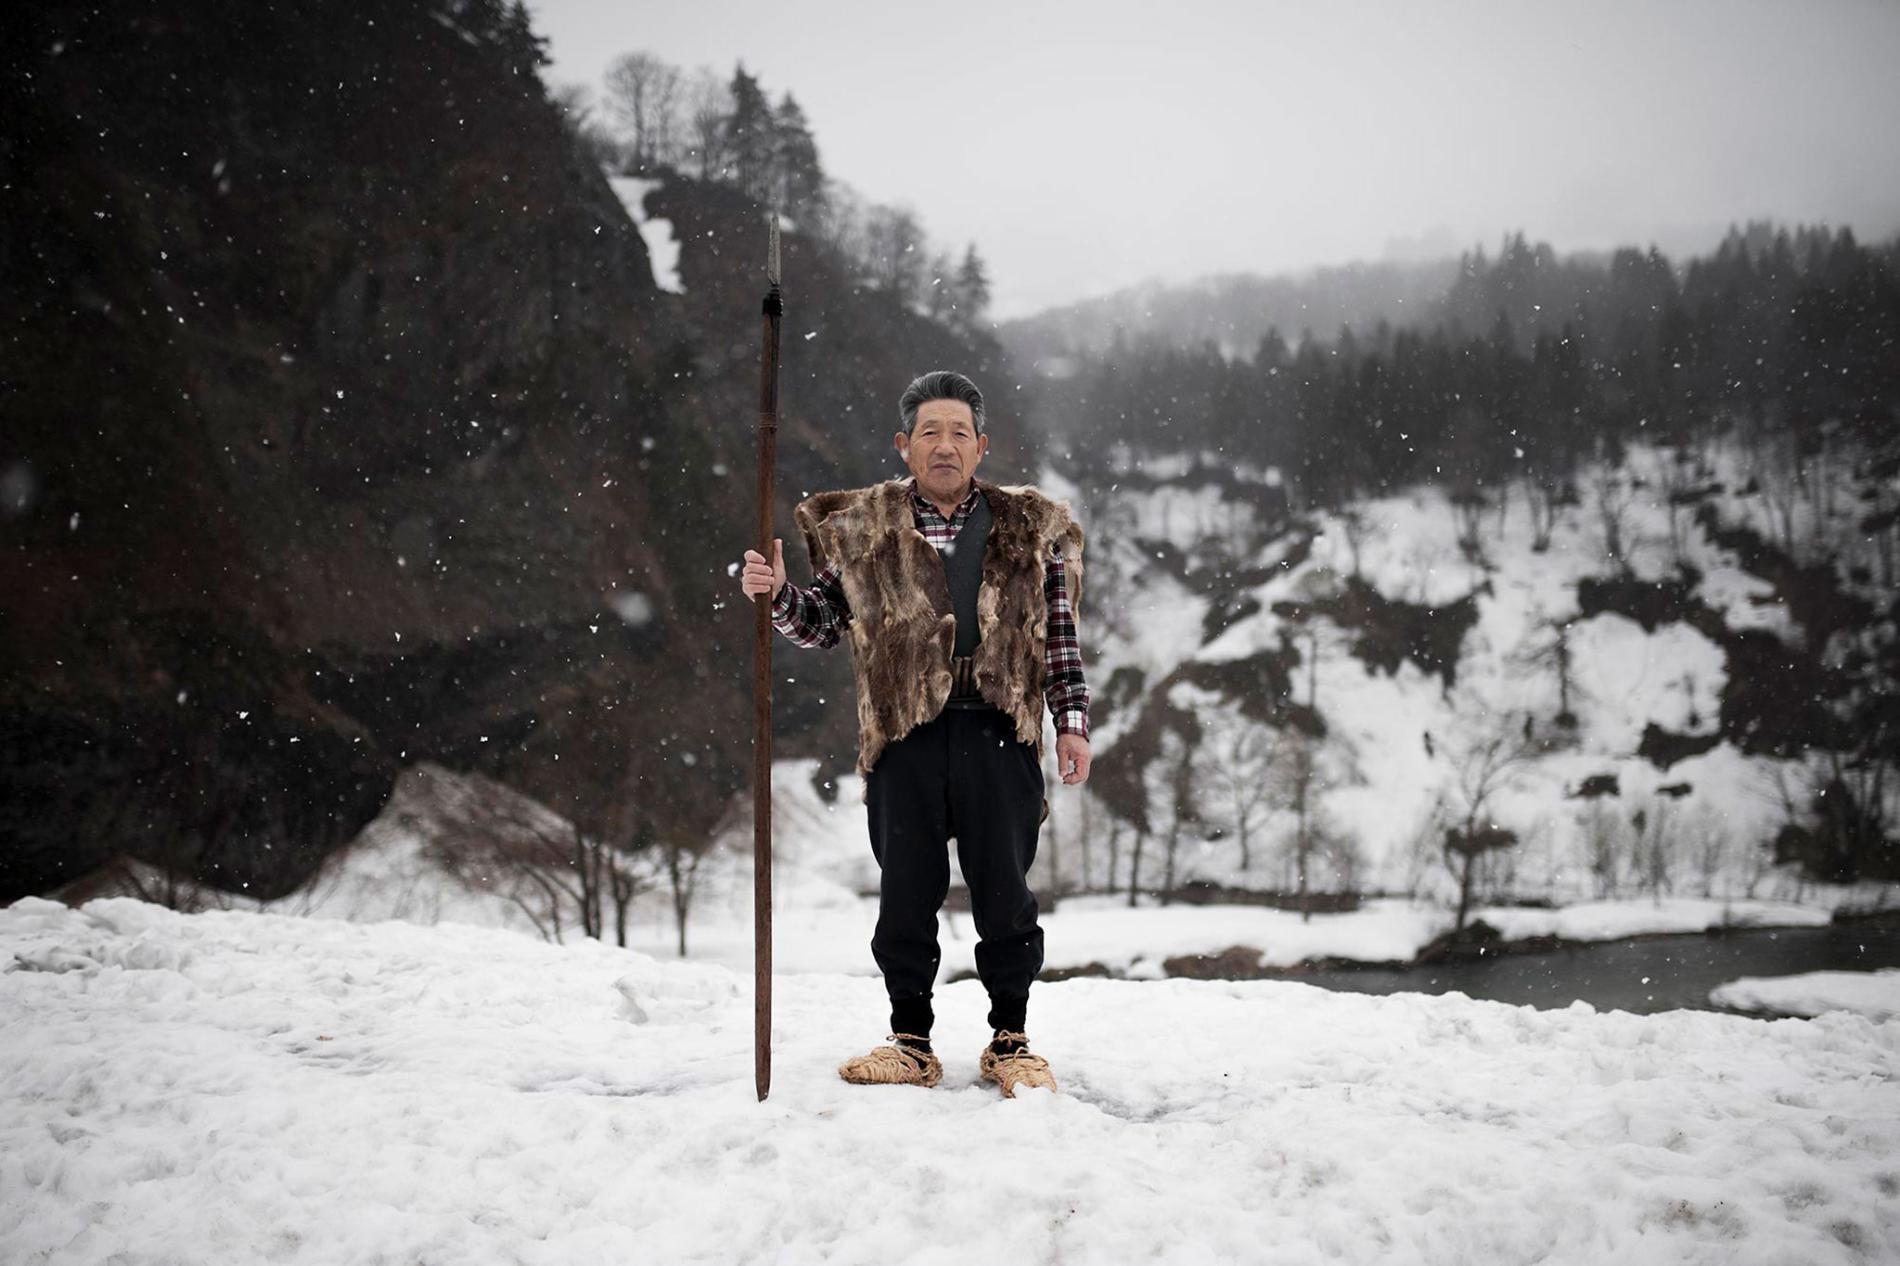 日本400年傳統的獵熊活動既神聖又飽受爭議